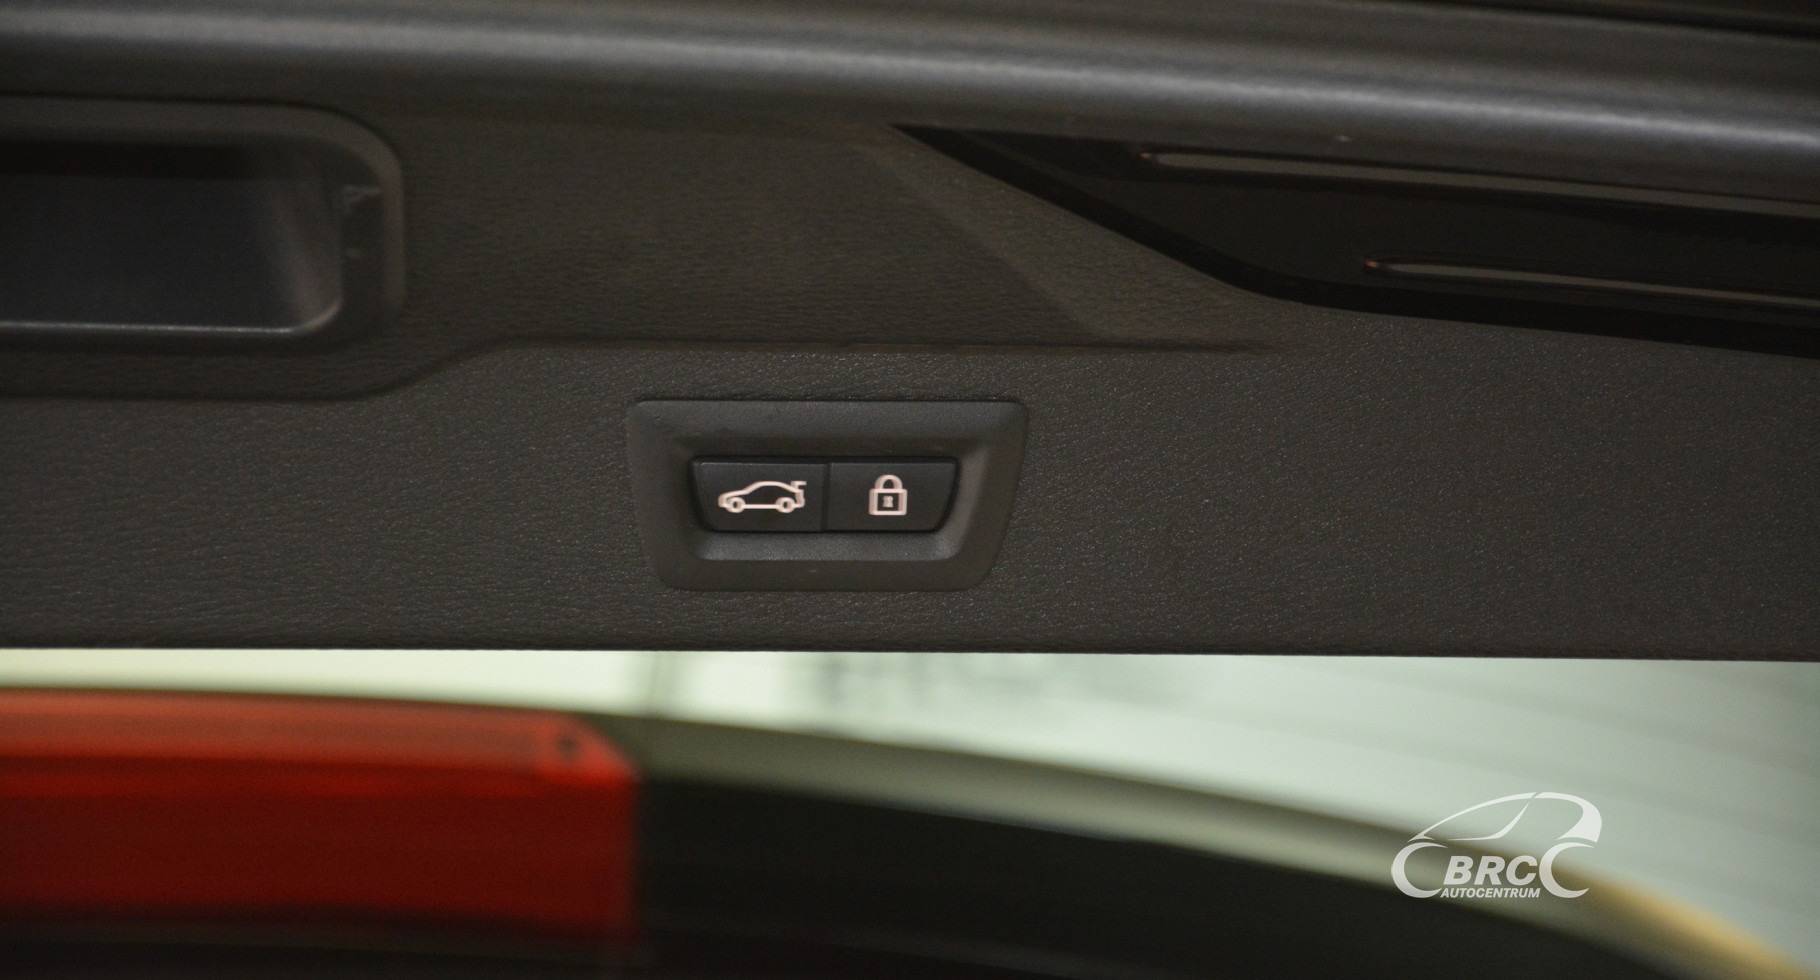 BMW X5 xDrive 35d Automatas